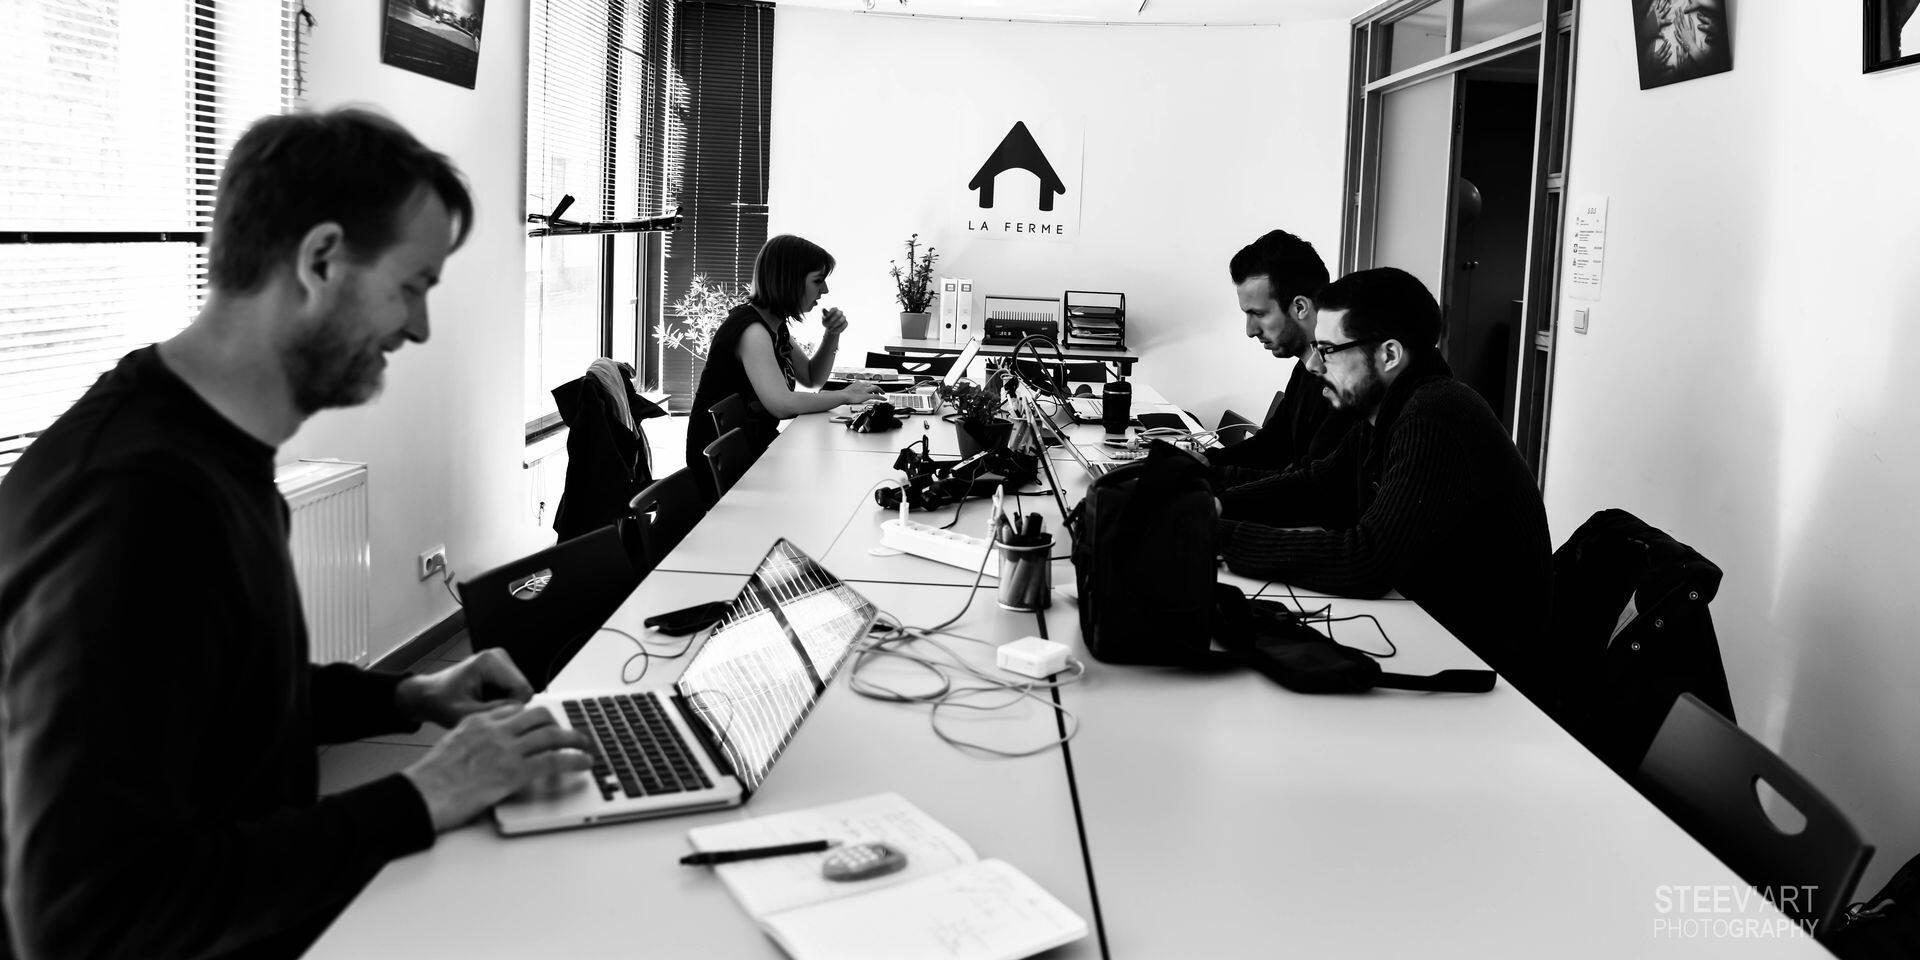 Chimay: La Ferme Coworking est installée